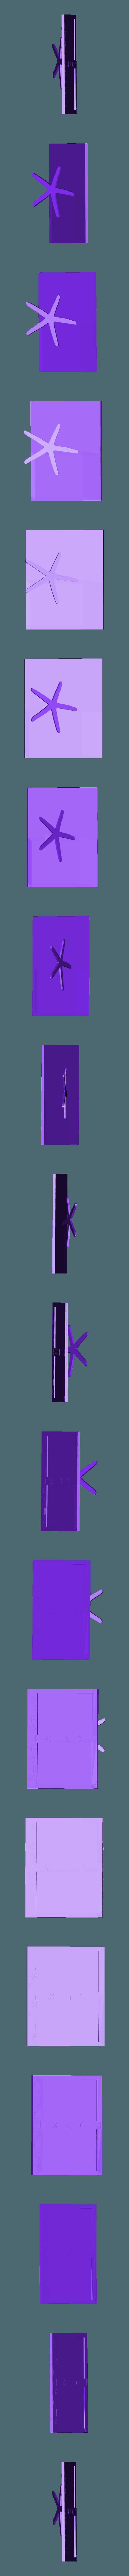 Porta Foto per HP decorato con supporto stella.stl Download free STL file Cute Summer Edition Frame • 3D printing object, CamiSantoro